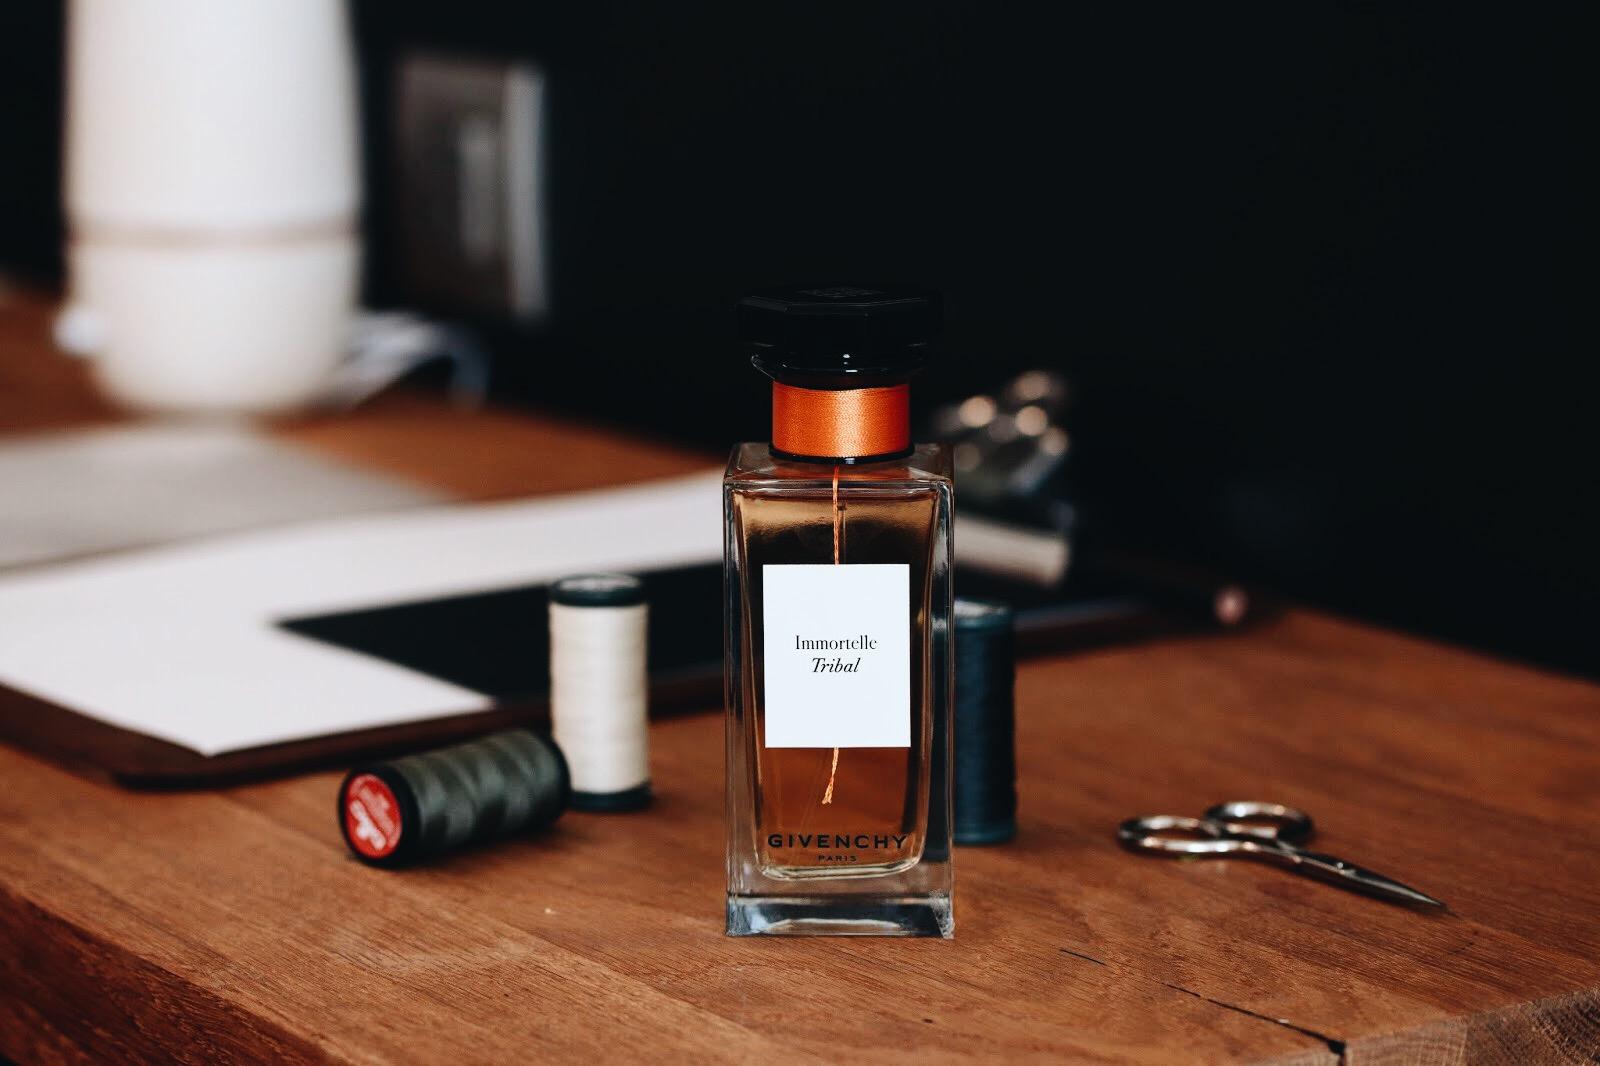 Très Beauté GivenchyMention BienKleo L'atelier GivenchyMention BienKleo Très L'atelier jLqSzMVUGp